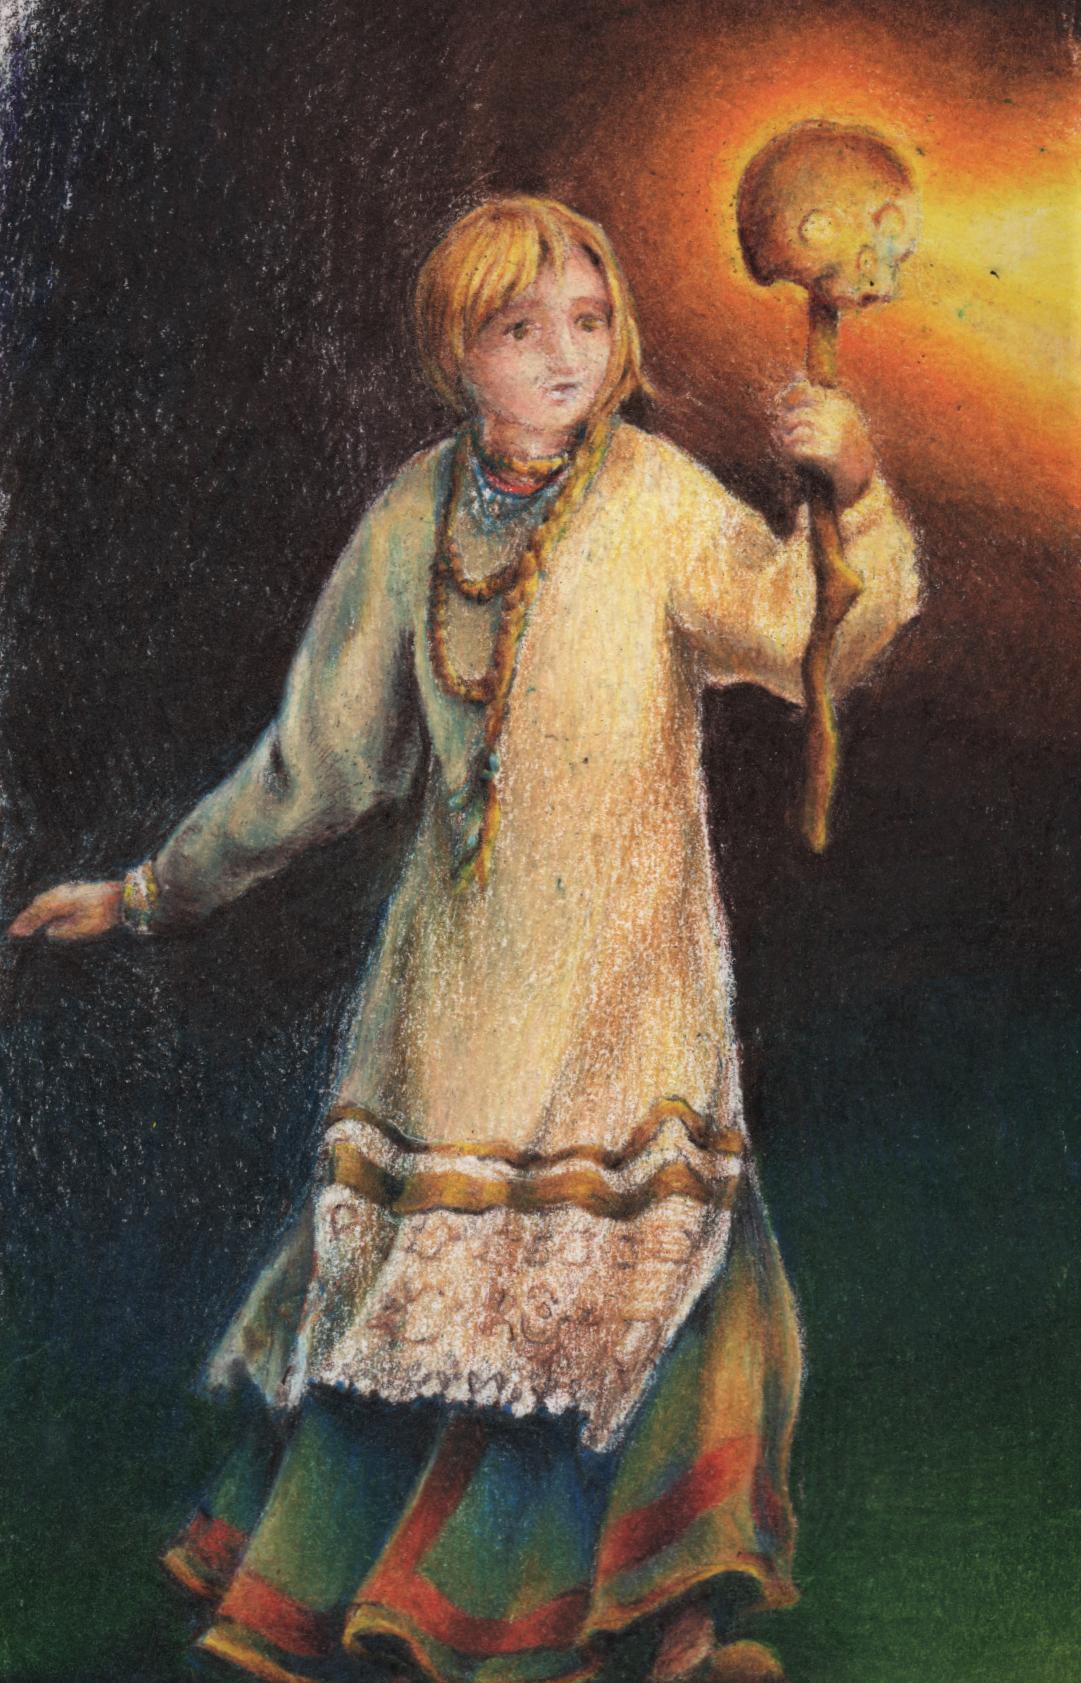 An illustration of a fairytale